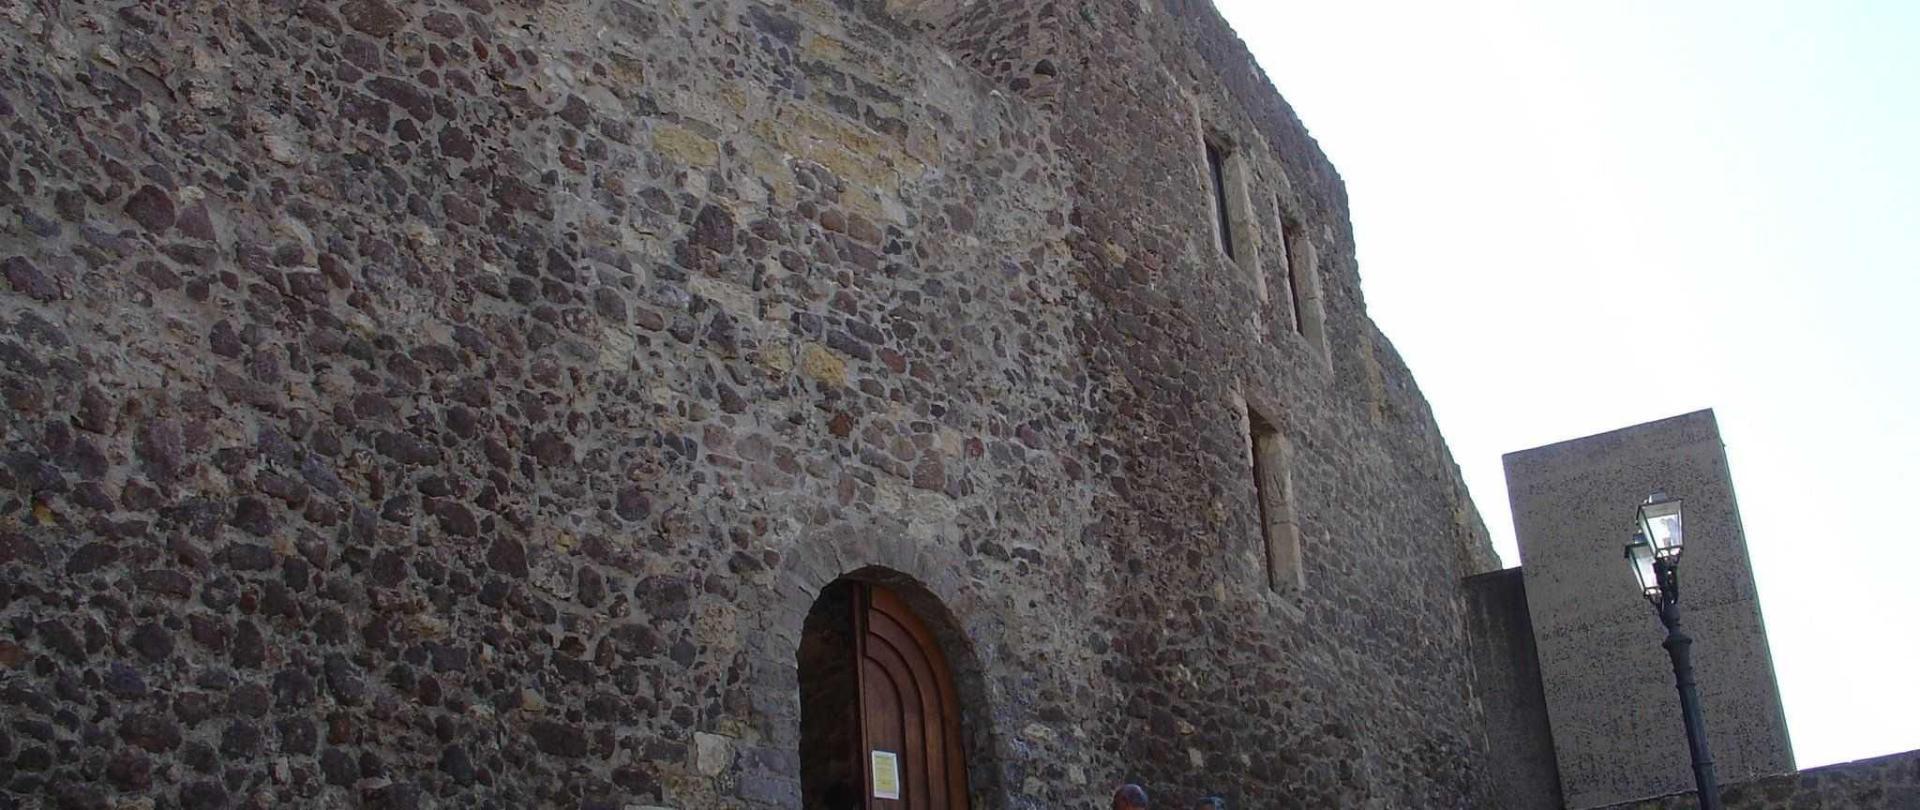 castelsardo-castello.jpg